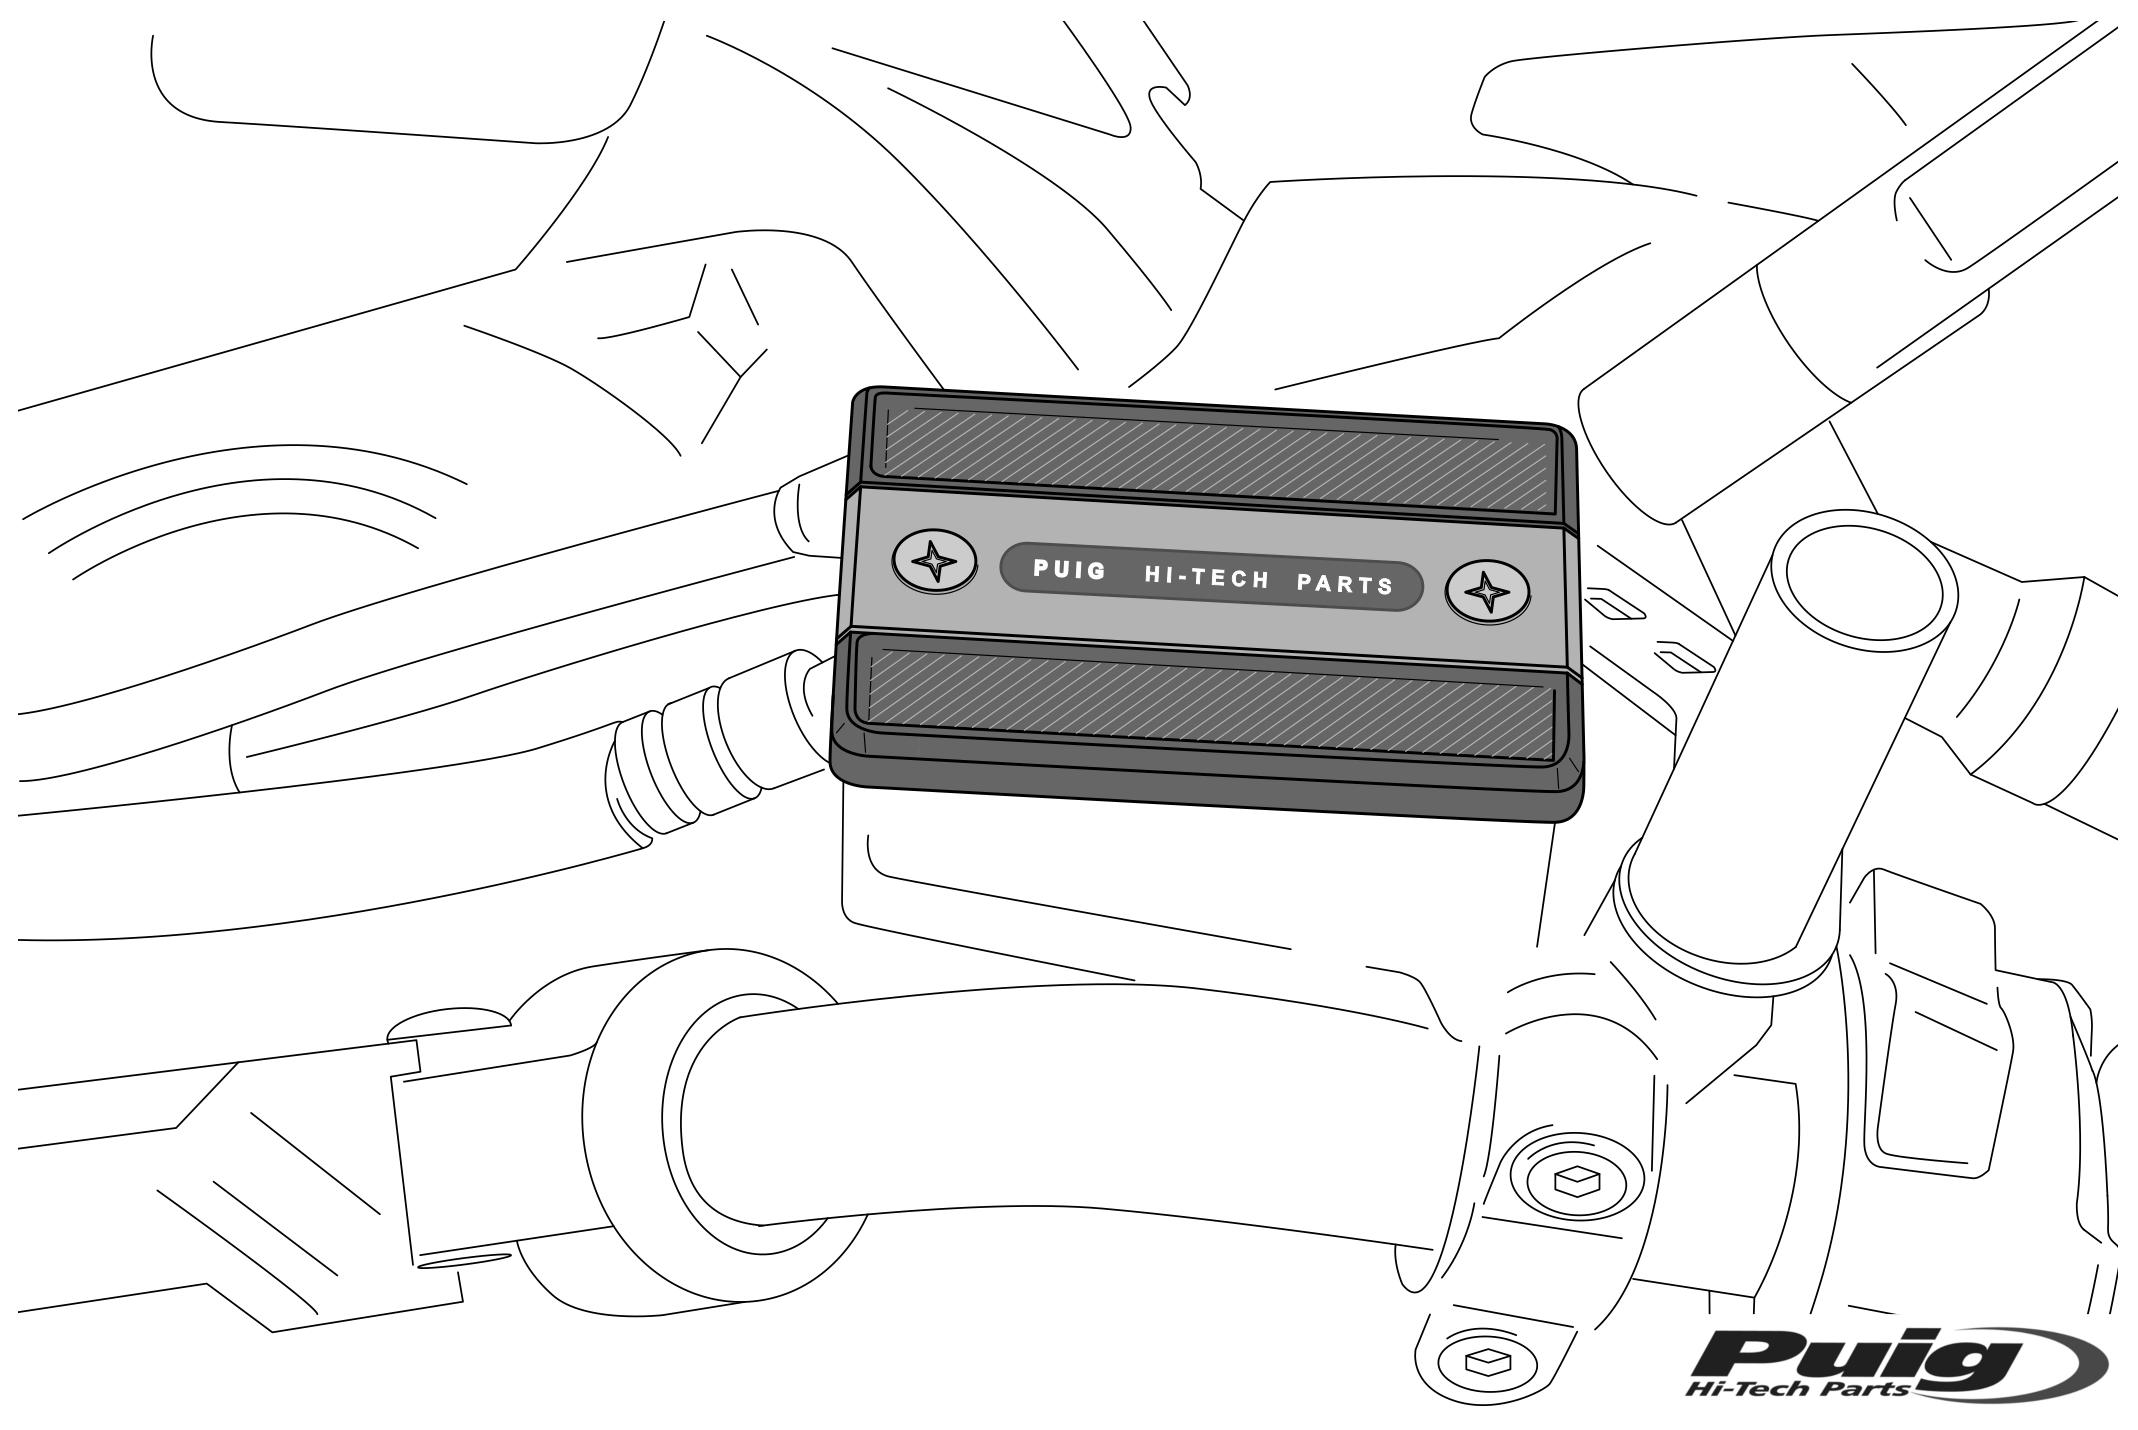 hensim 150cc atv wiring diagram taotao 150cc atv wiring